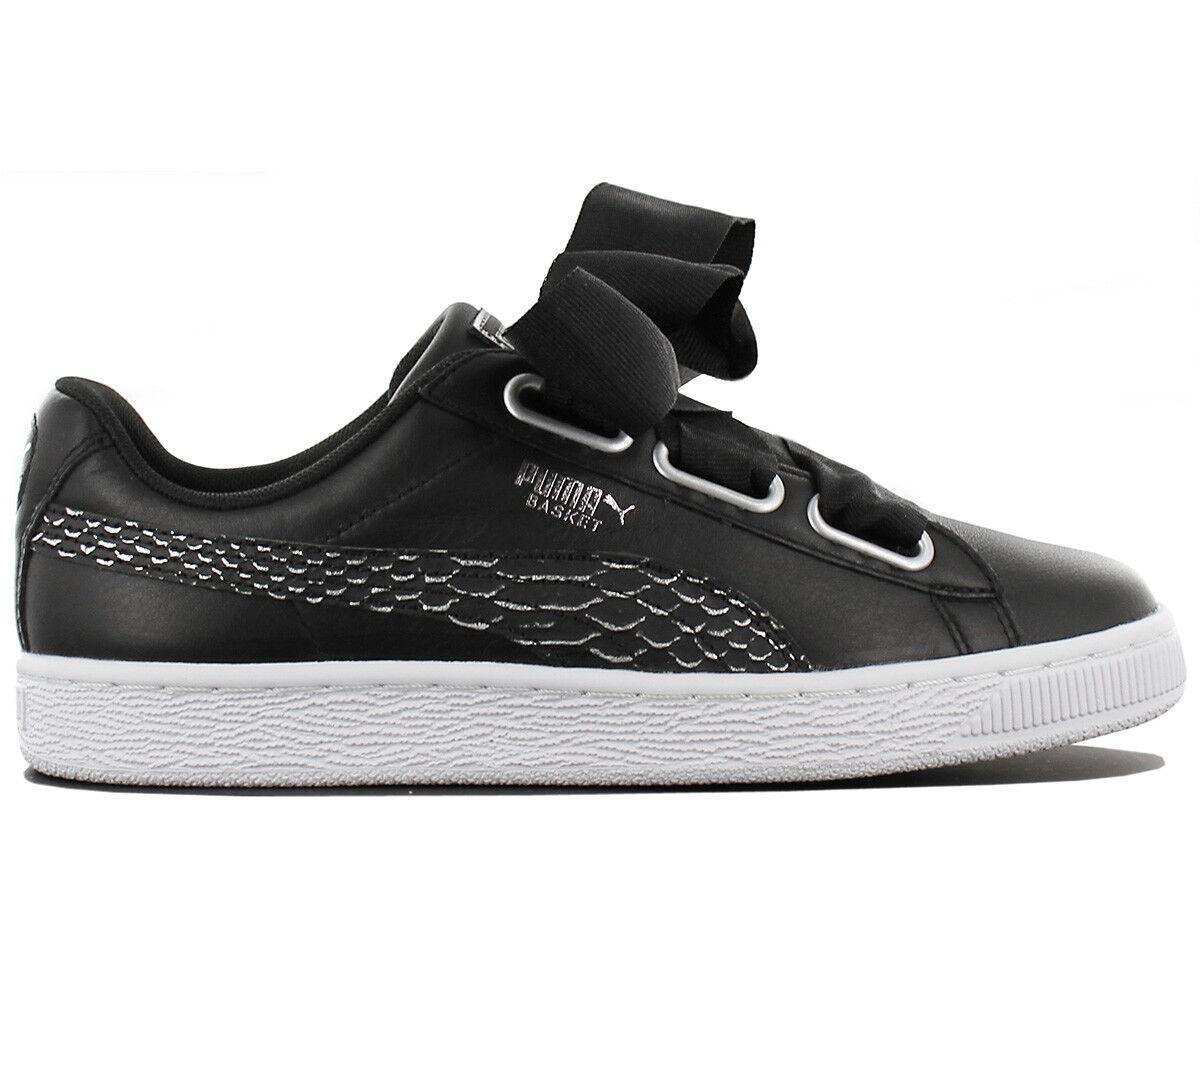 Puma Basket Heart Oceanaire cortos señora zapatos negro zapatillas de de de deporte 366443-01  el mas reciente